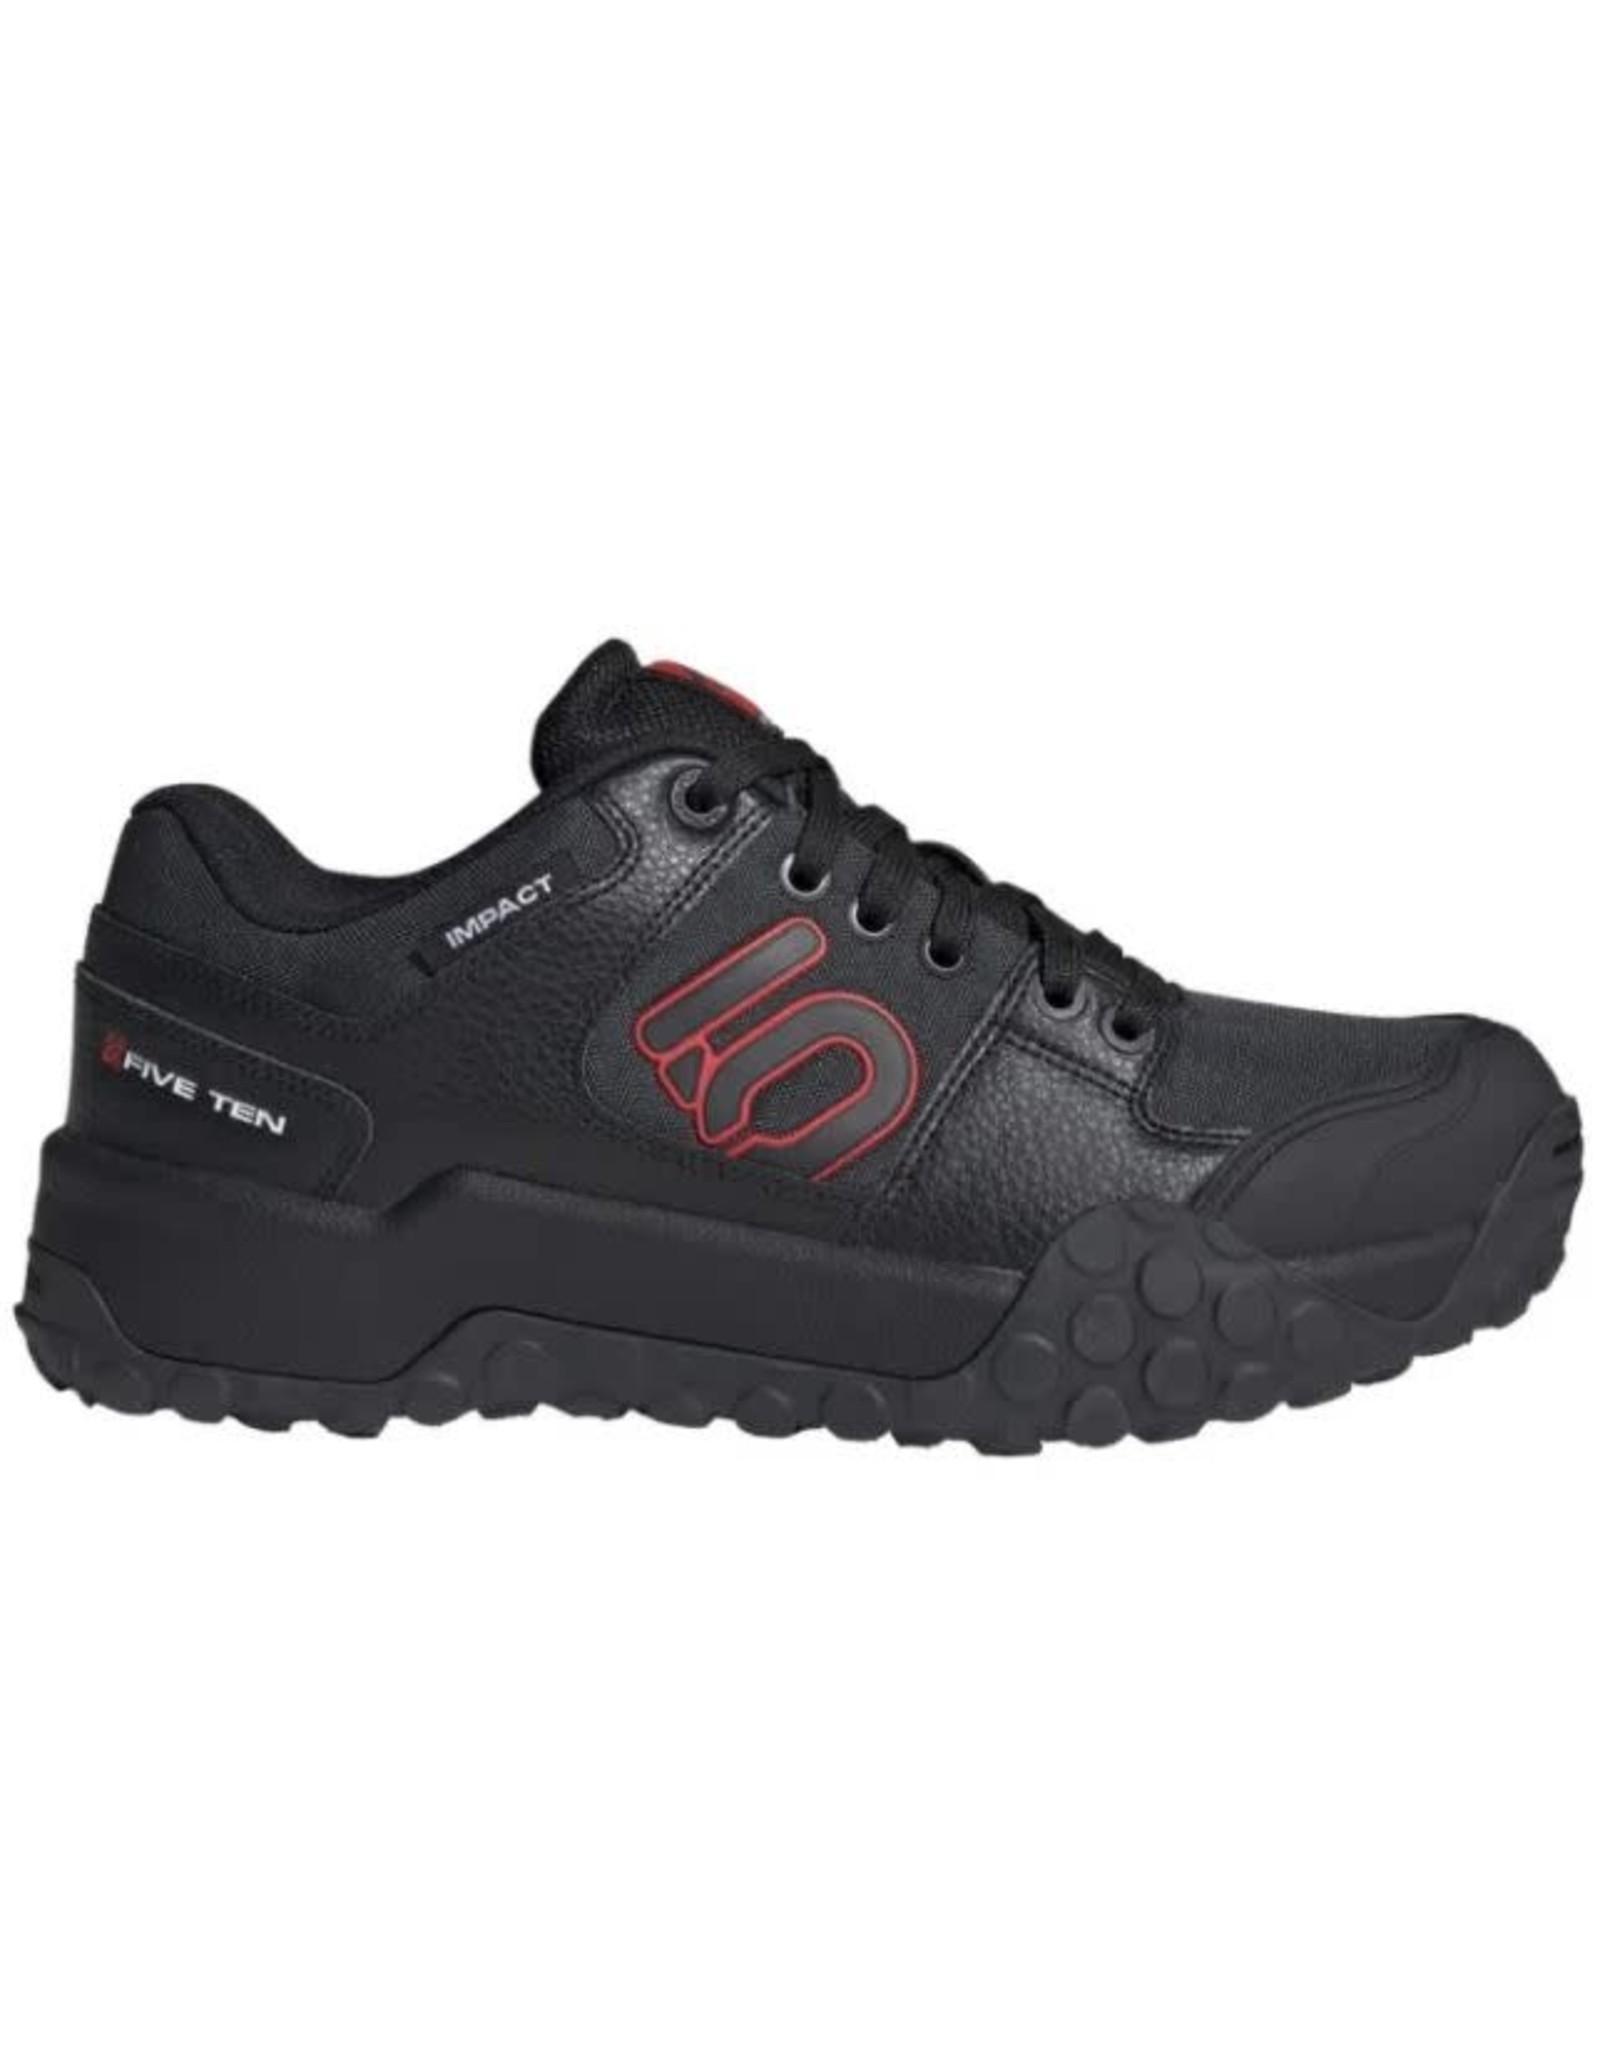 Five Ten Shoes Fiveten Impact Low